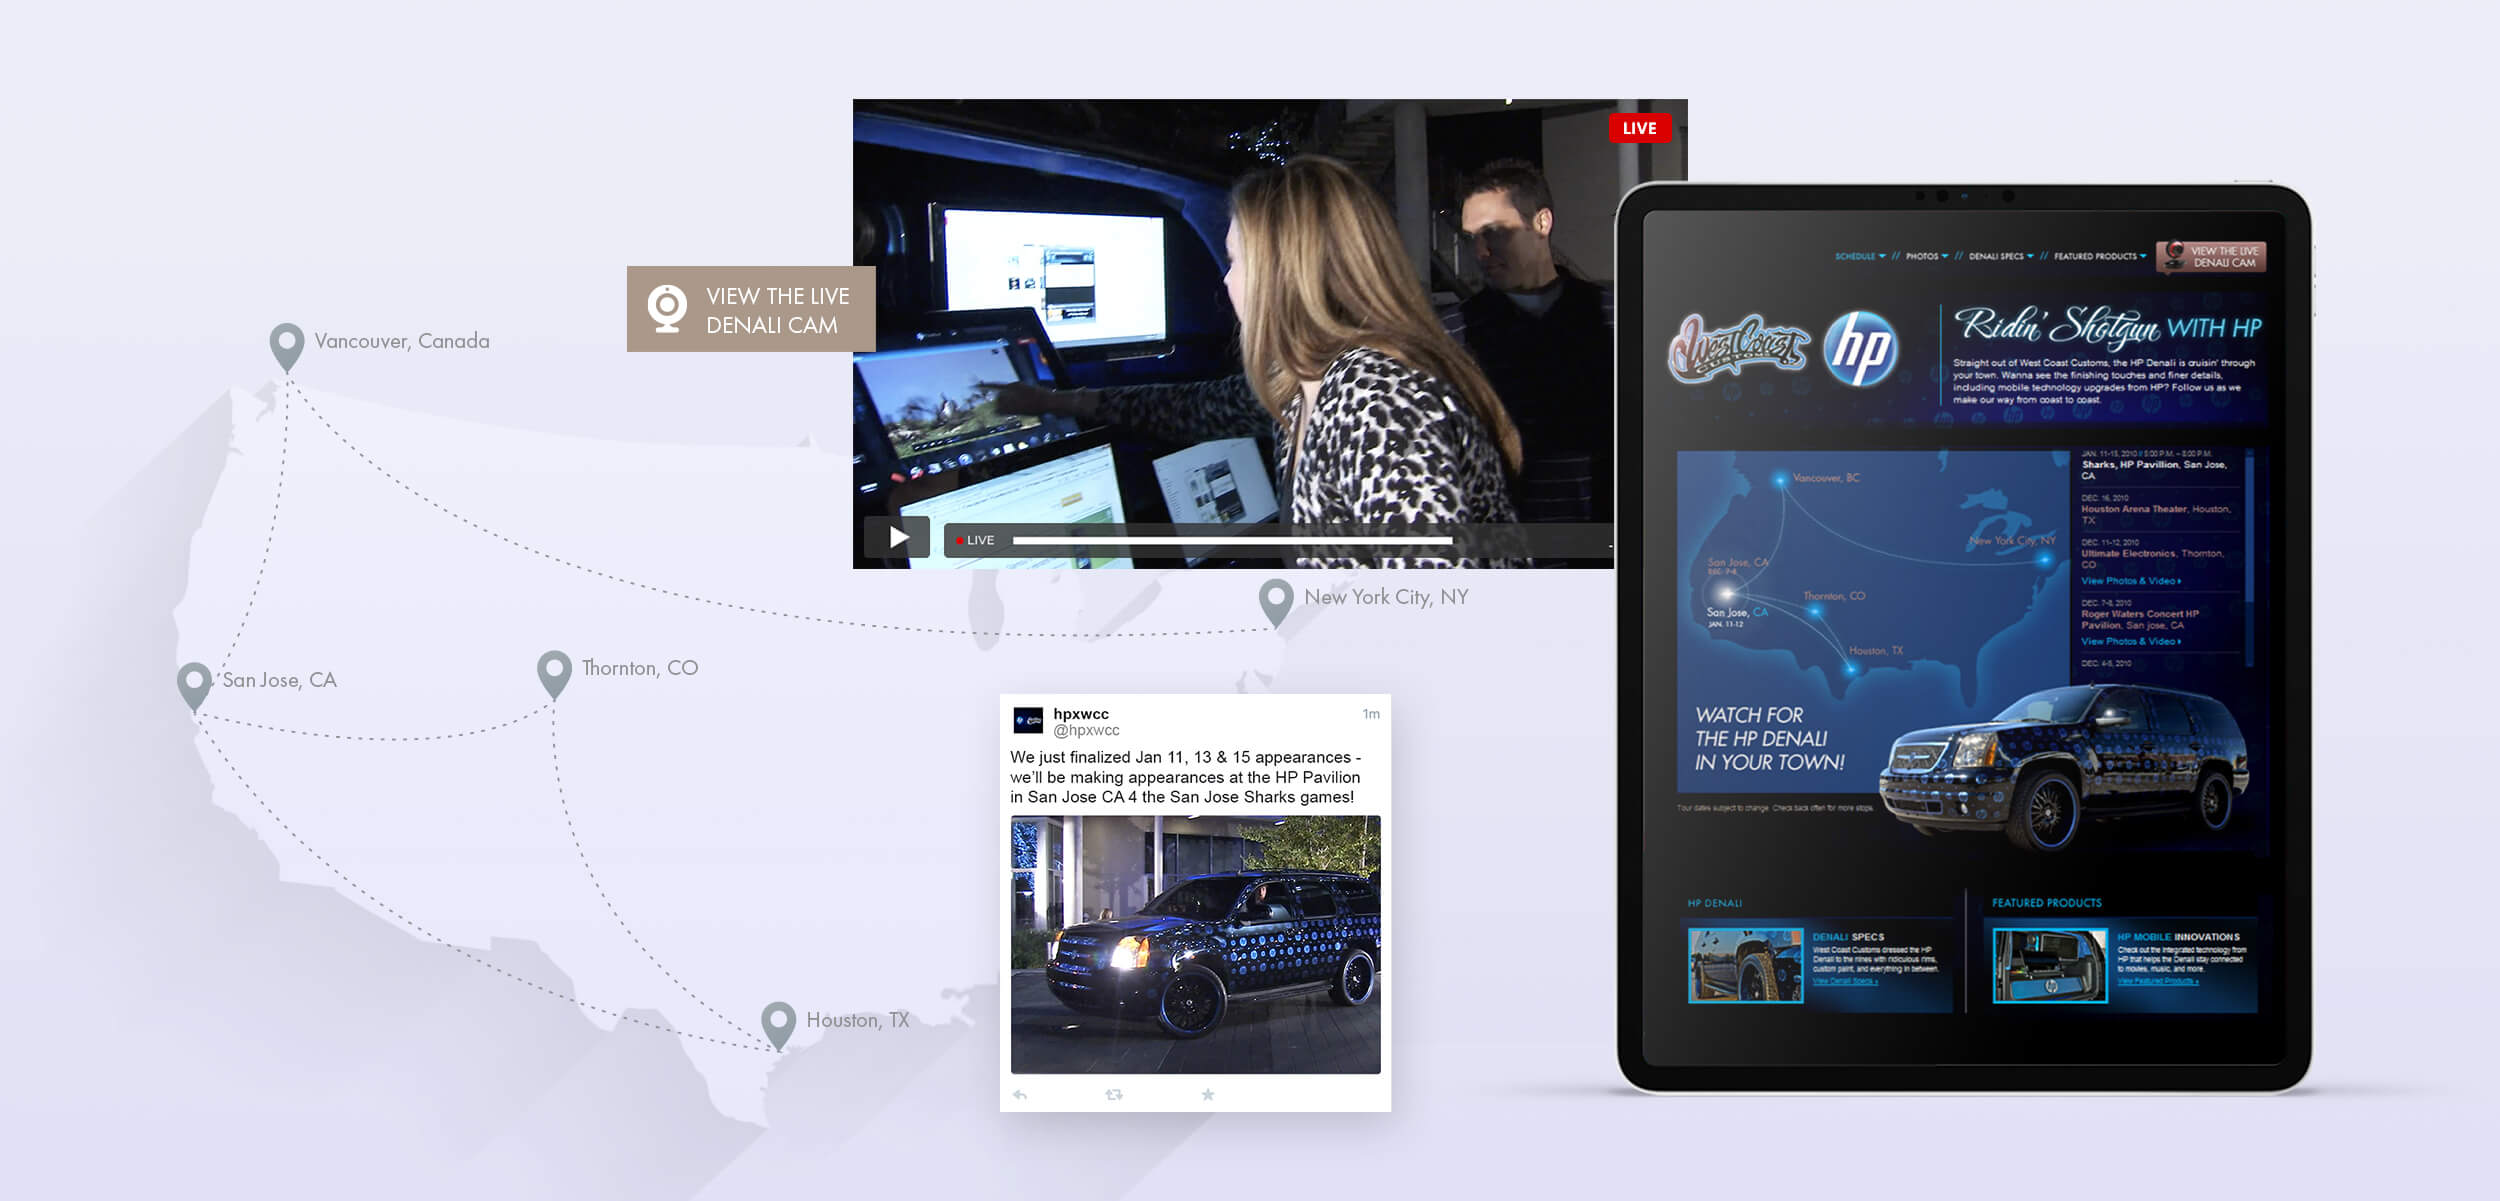 HP Envy Launch Mobile Roadshow